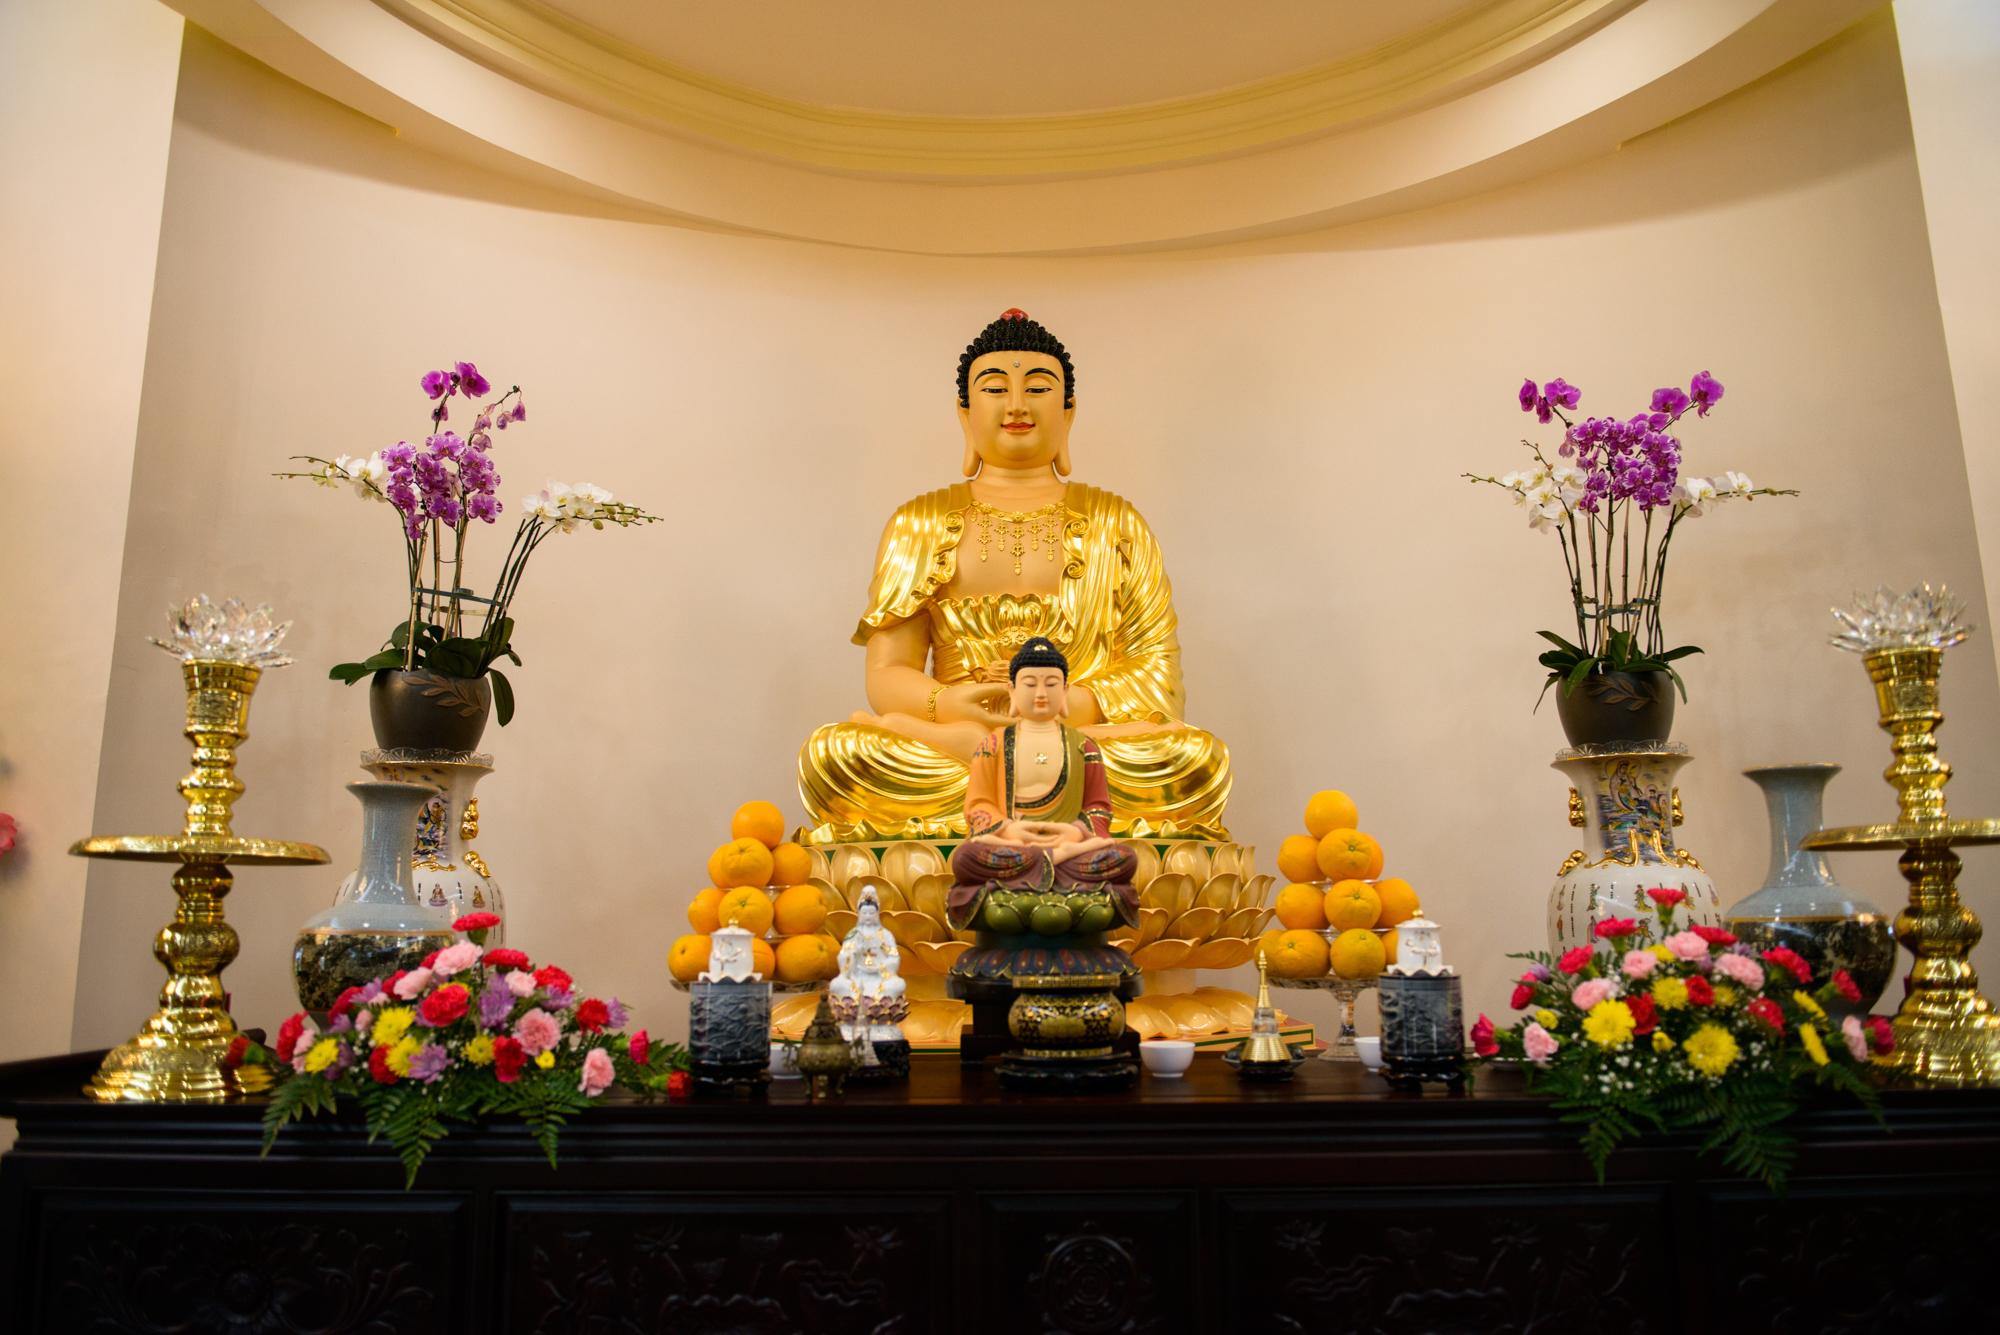 Hình ảnh ban thờ Phật bày biện rất đẹp